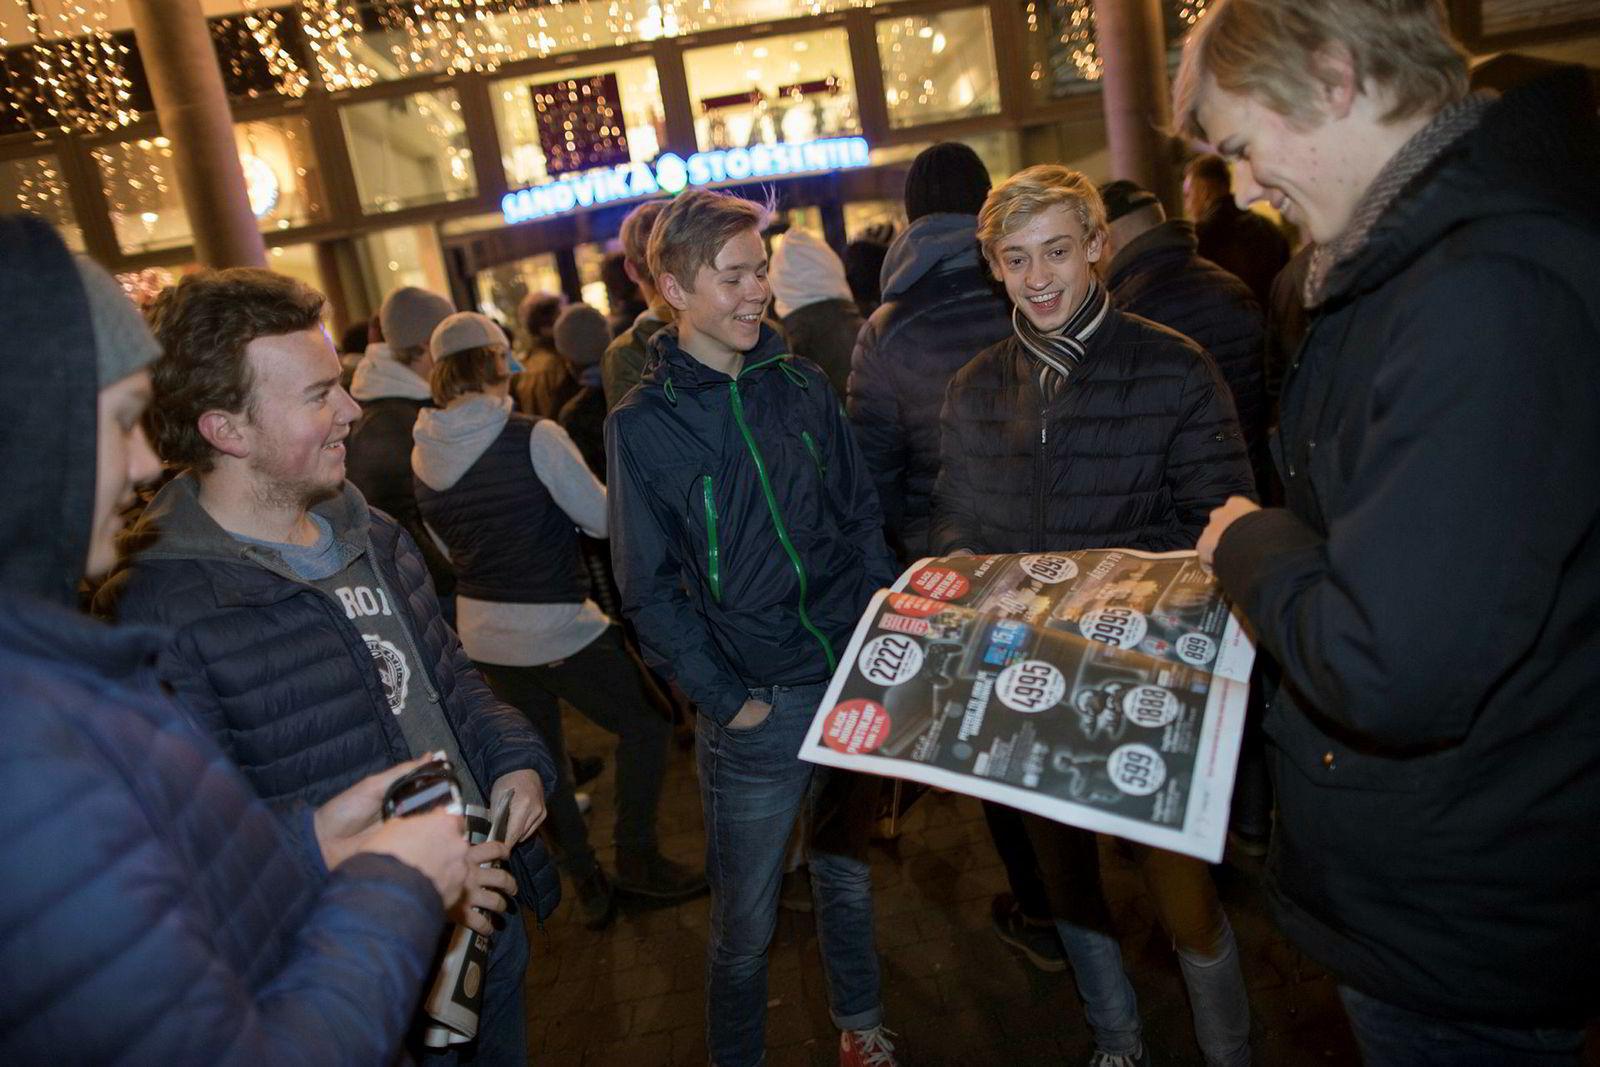 Denne guttegjengen fra Nadderud vidergegående skole har lagt en plan. Øverst på listen står en elektronikkbutikk. Fra venstre Eirik M. Hauge (16), Sigurd Christensen (16), Simen Nesland (16), Espen Bjørge Urheim (16) og Erlend Skredsvig (16) står og venter utenfor den ene inngangen til Sandvika Storsenter i anledning Black Friday.